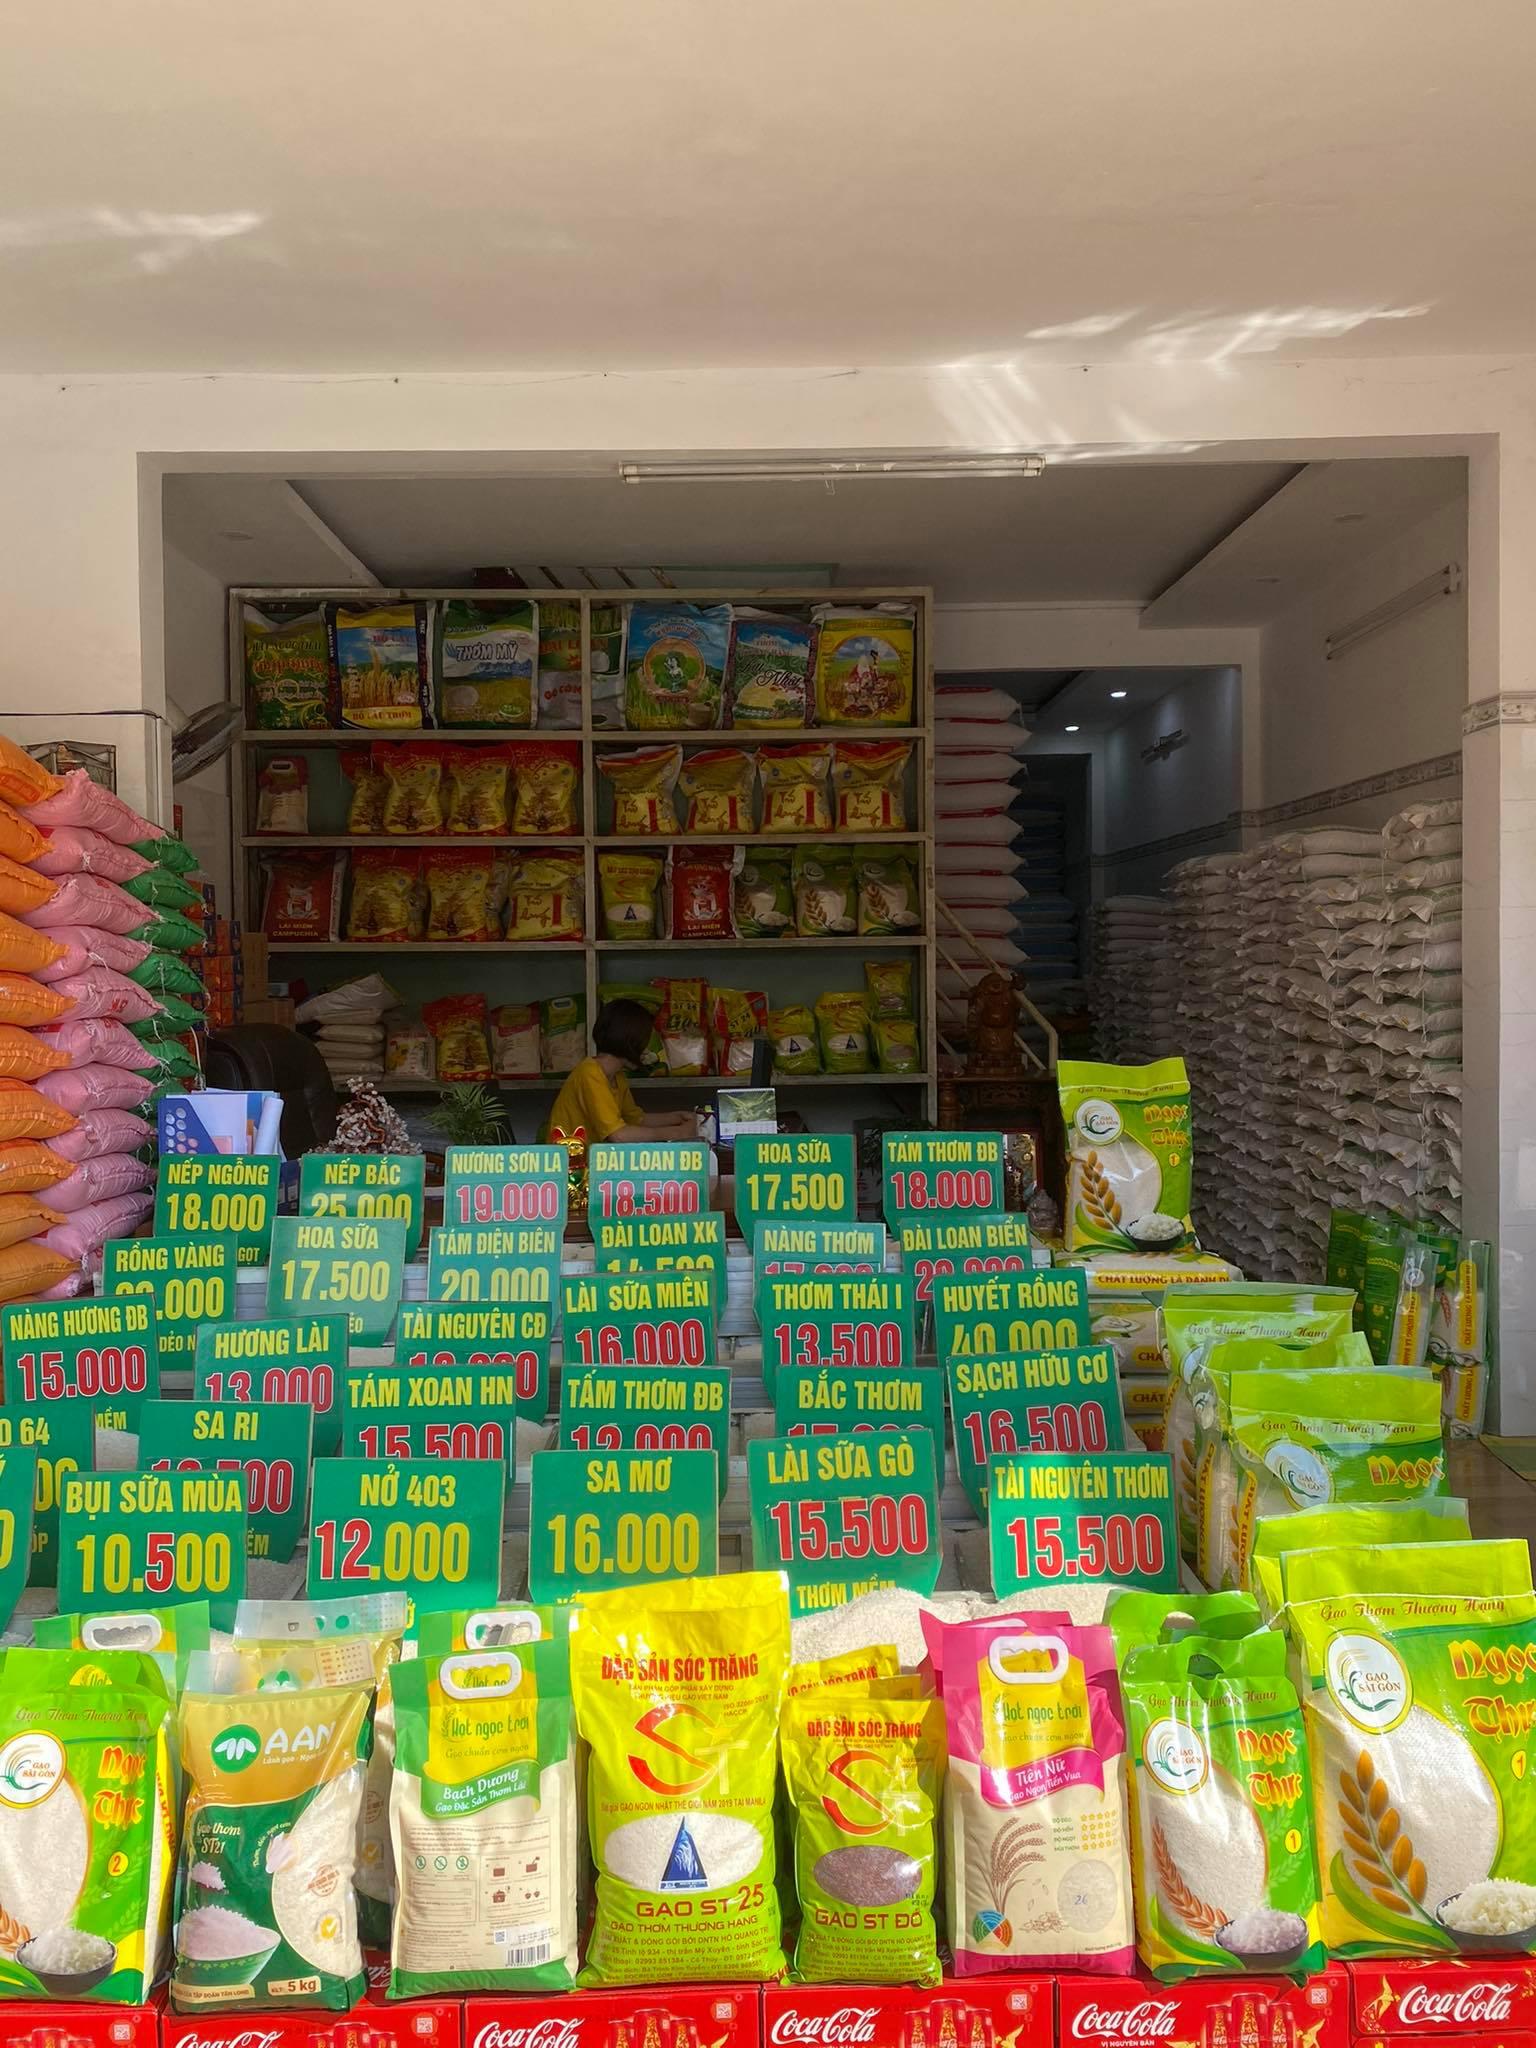 Cách Bày trí cửa hàng bán gạo